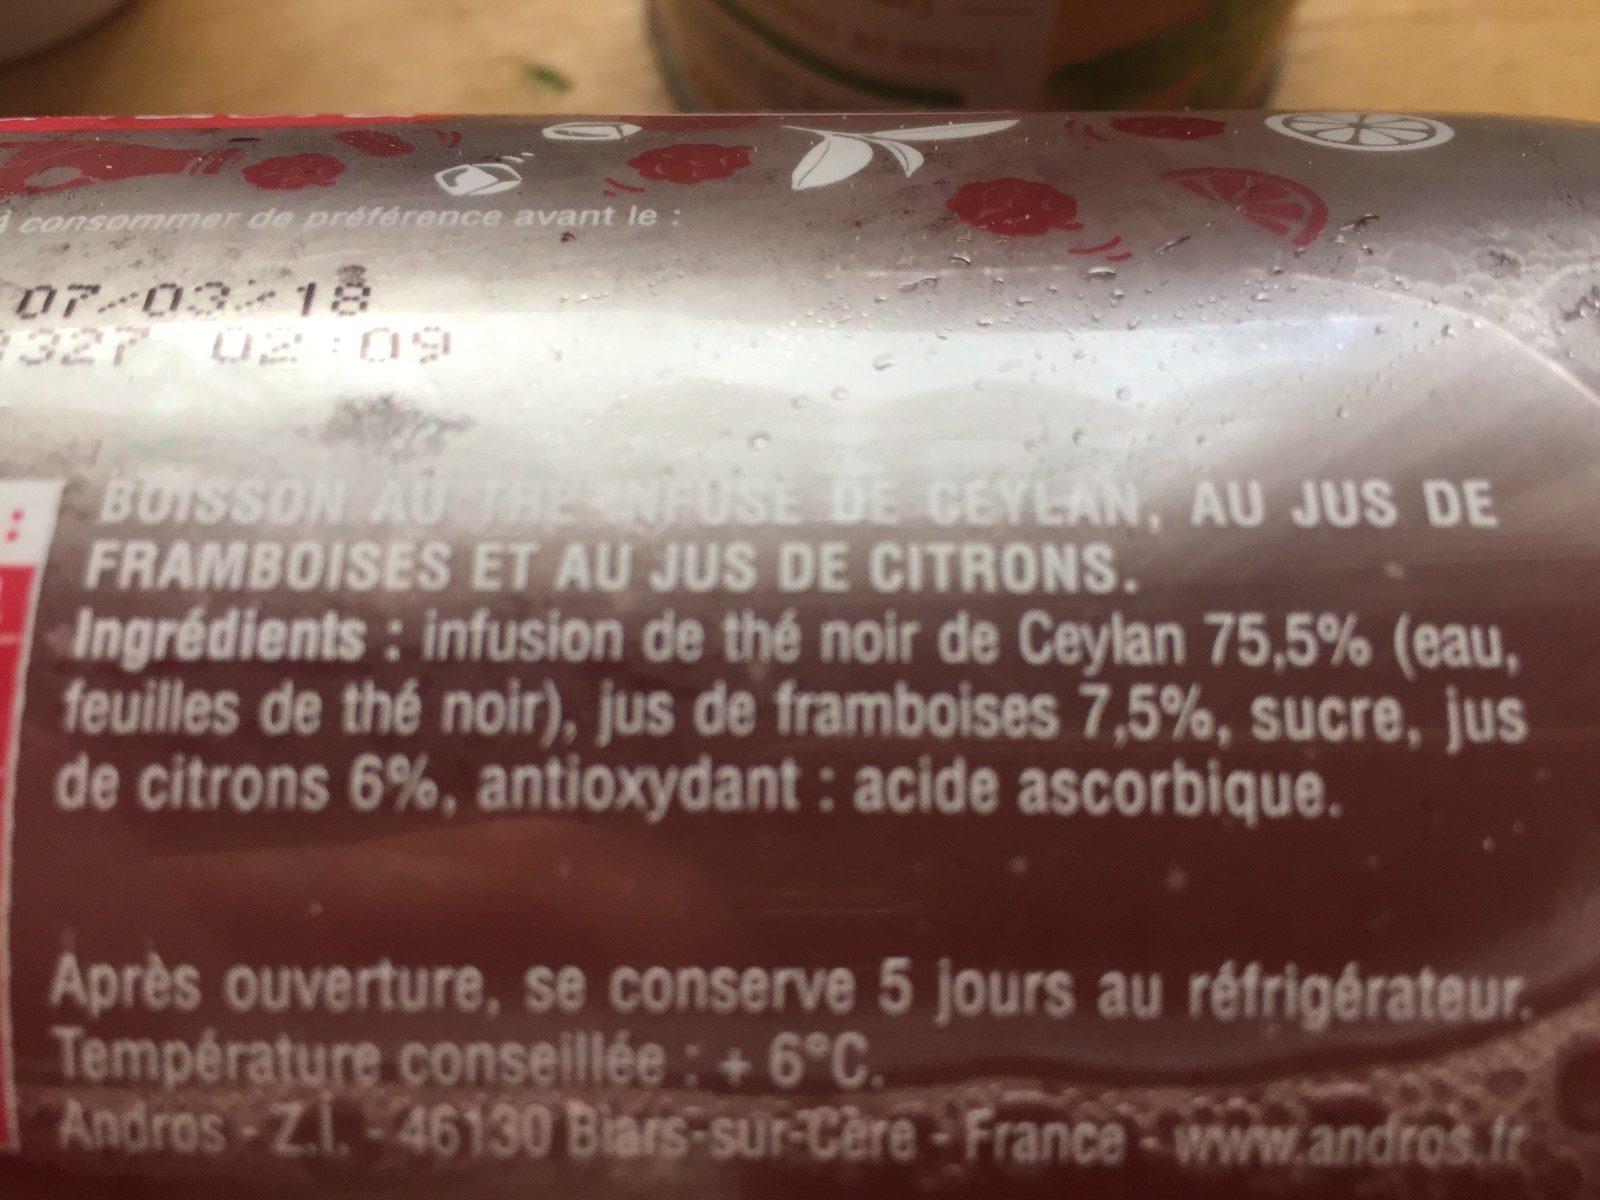 Thé infusé - Framboise & Touche de Citron - Ingredients